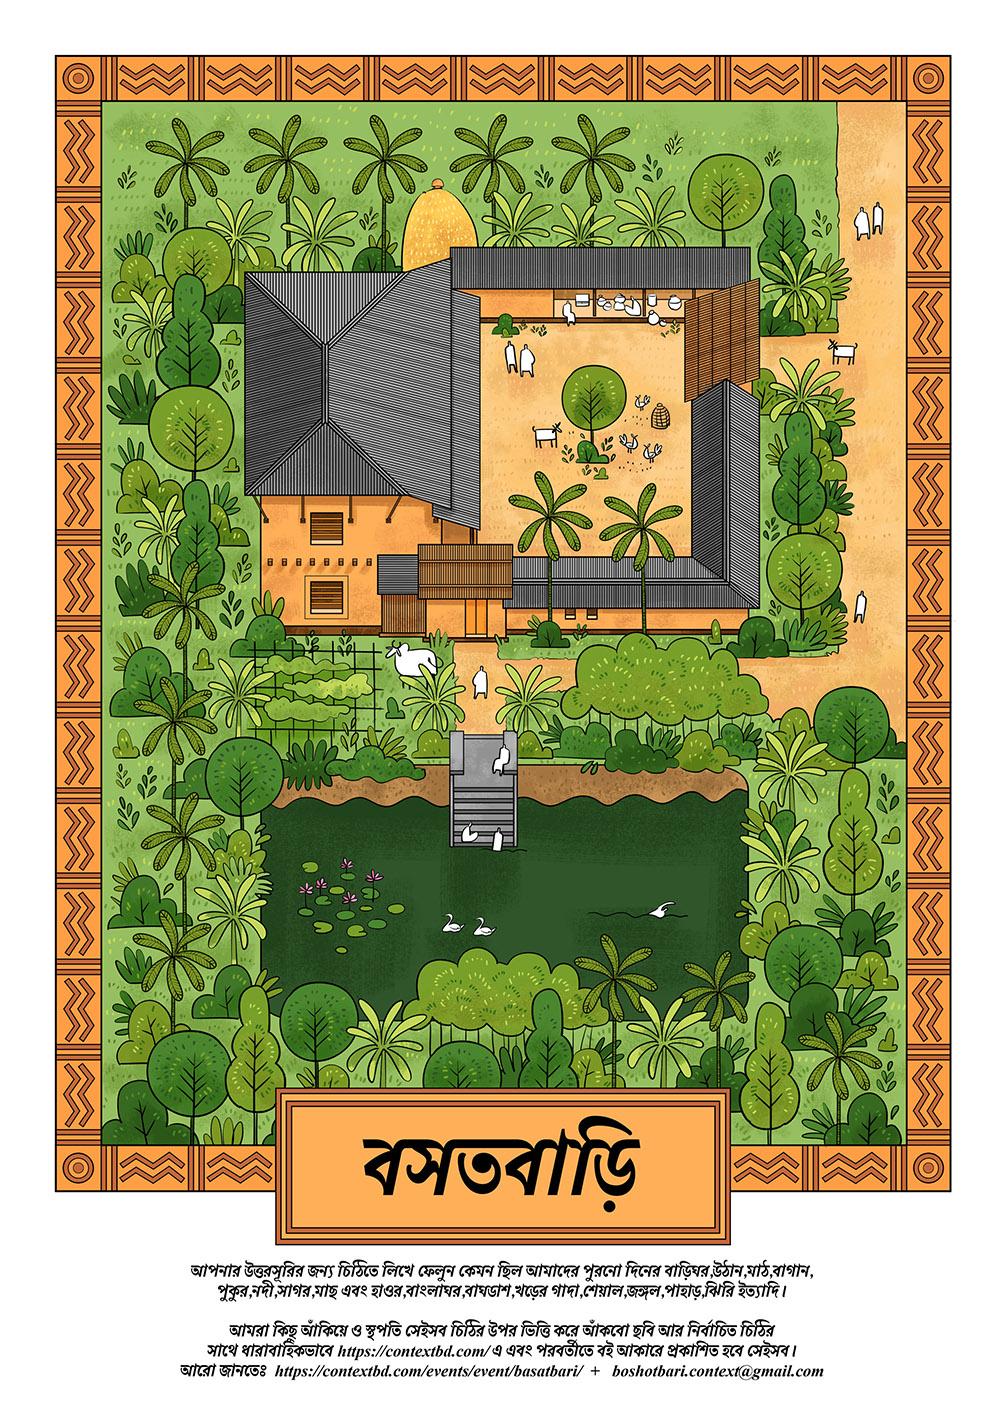 Poster designed by Reesham Shahab Tirtho